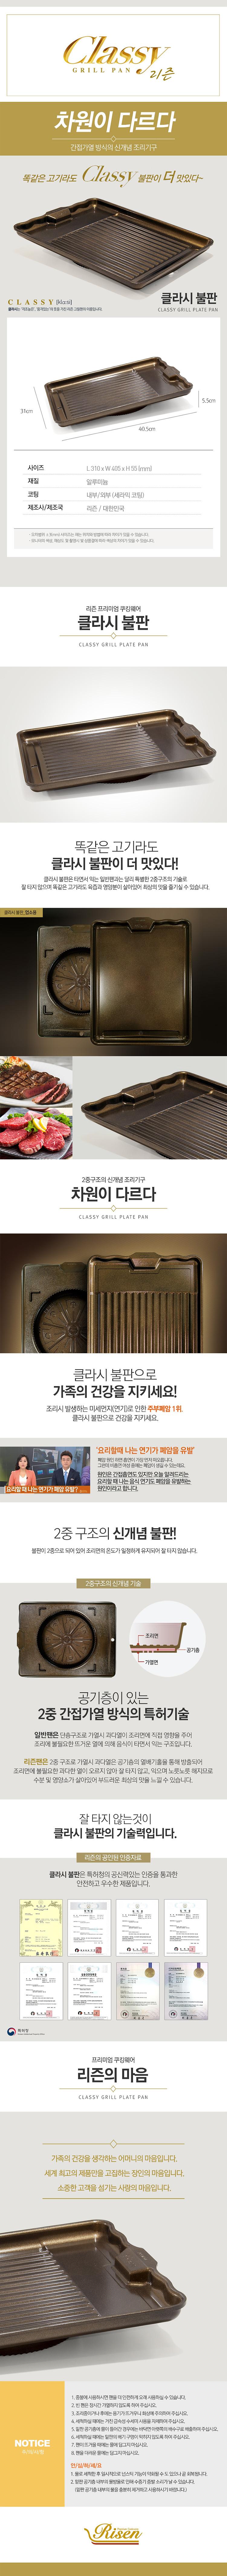 클라시불판_상세페이지_물결형_평명형겸용.jpg